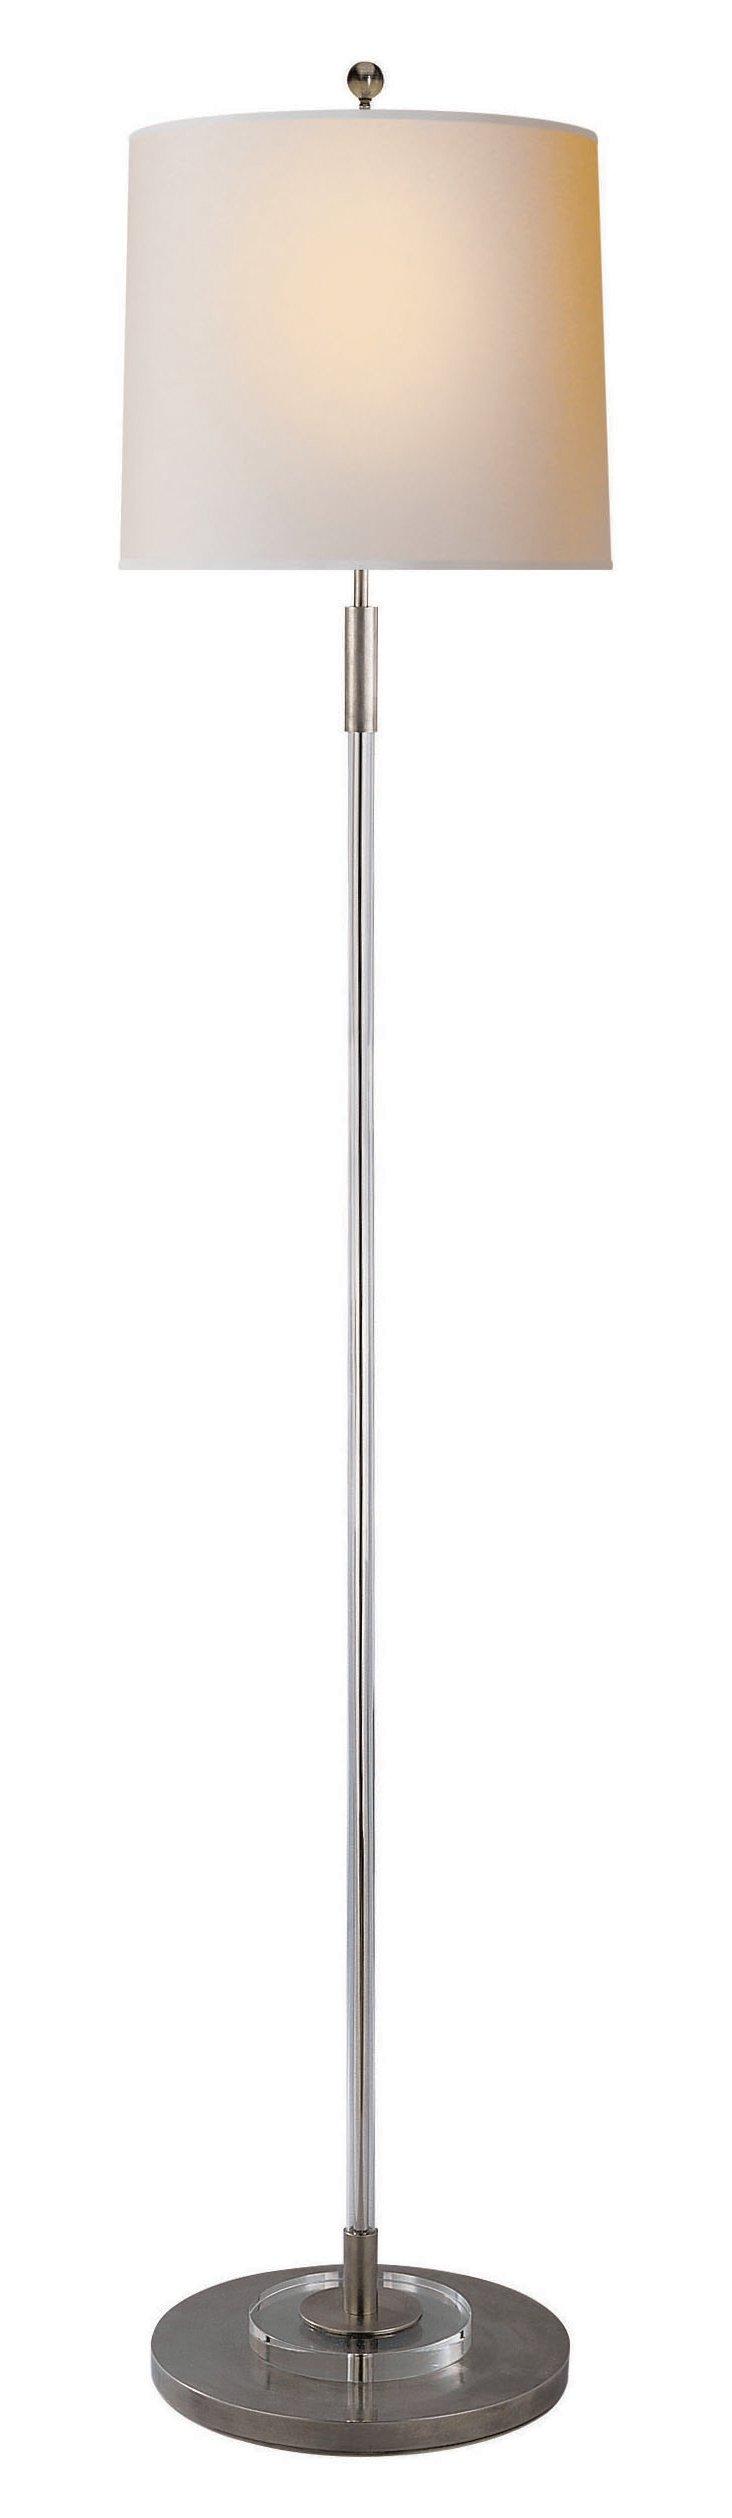 Giorgio Floor Lamp, Antiqued Nickel